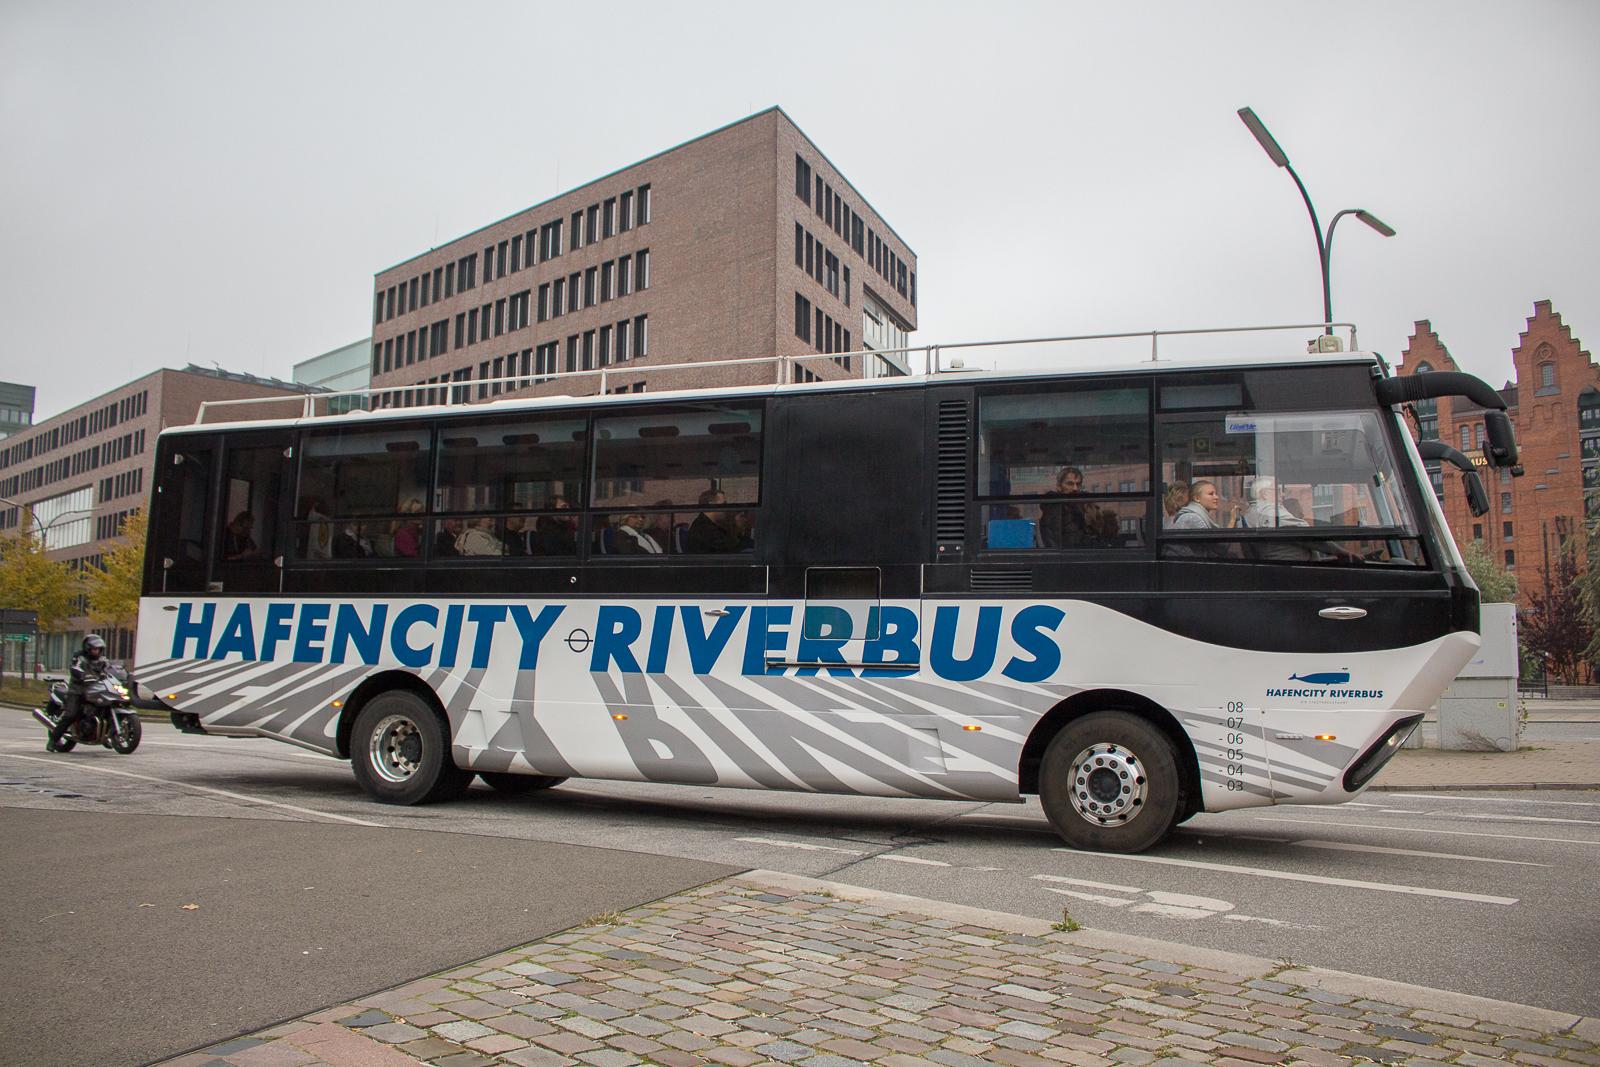 hamburg, stadtkreuzfahrt, hafenbus, riverbus, hafencity, amphibienfahrzeug, amphibienbus